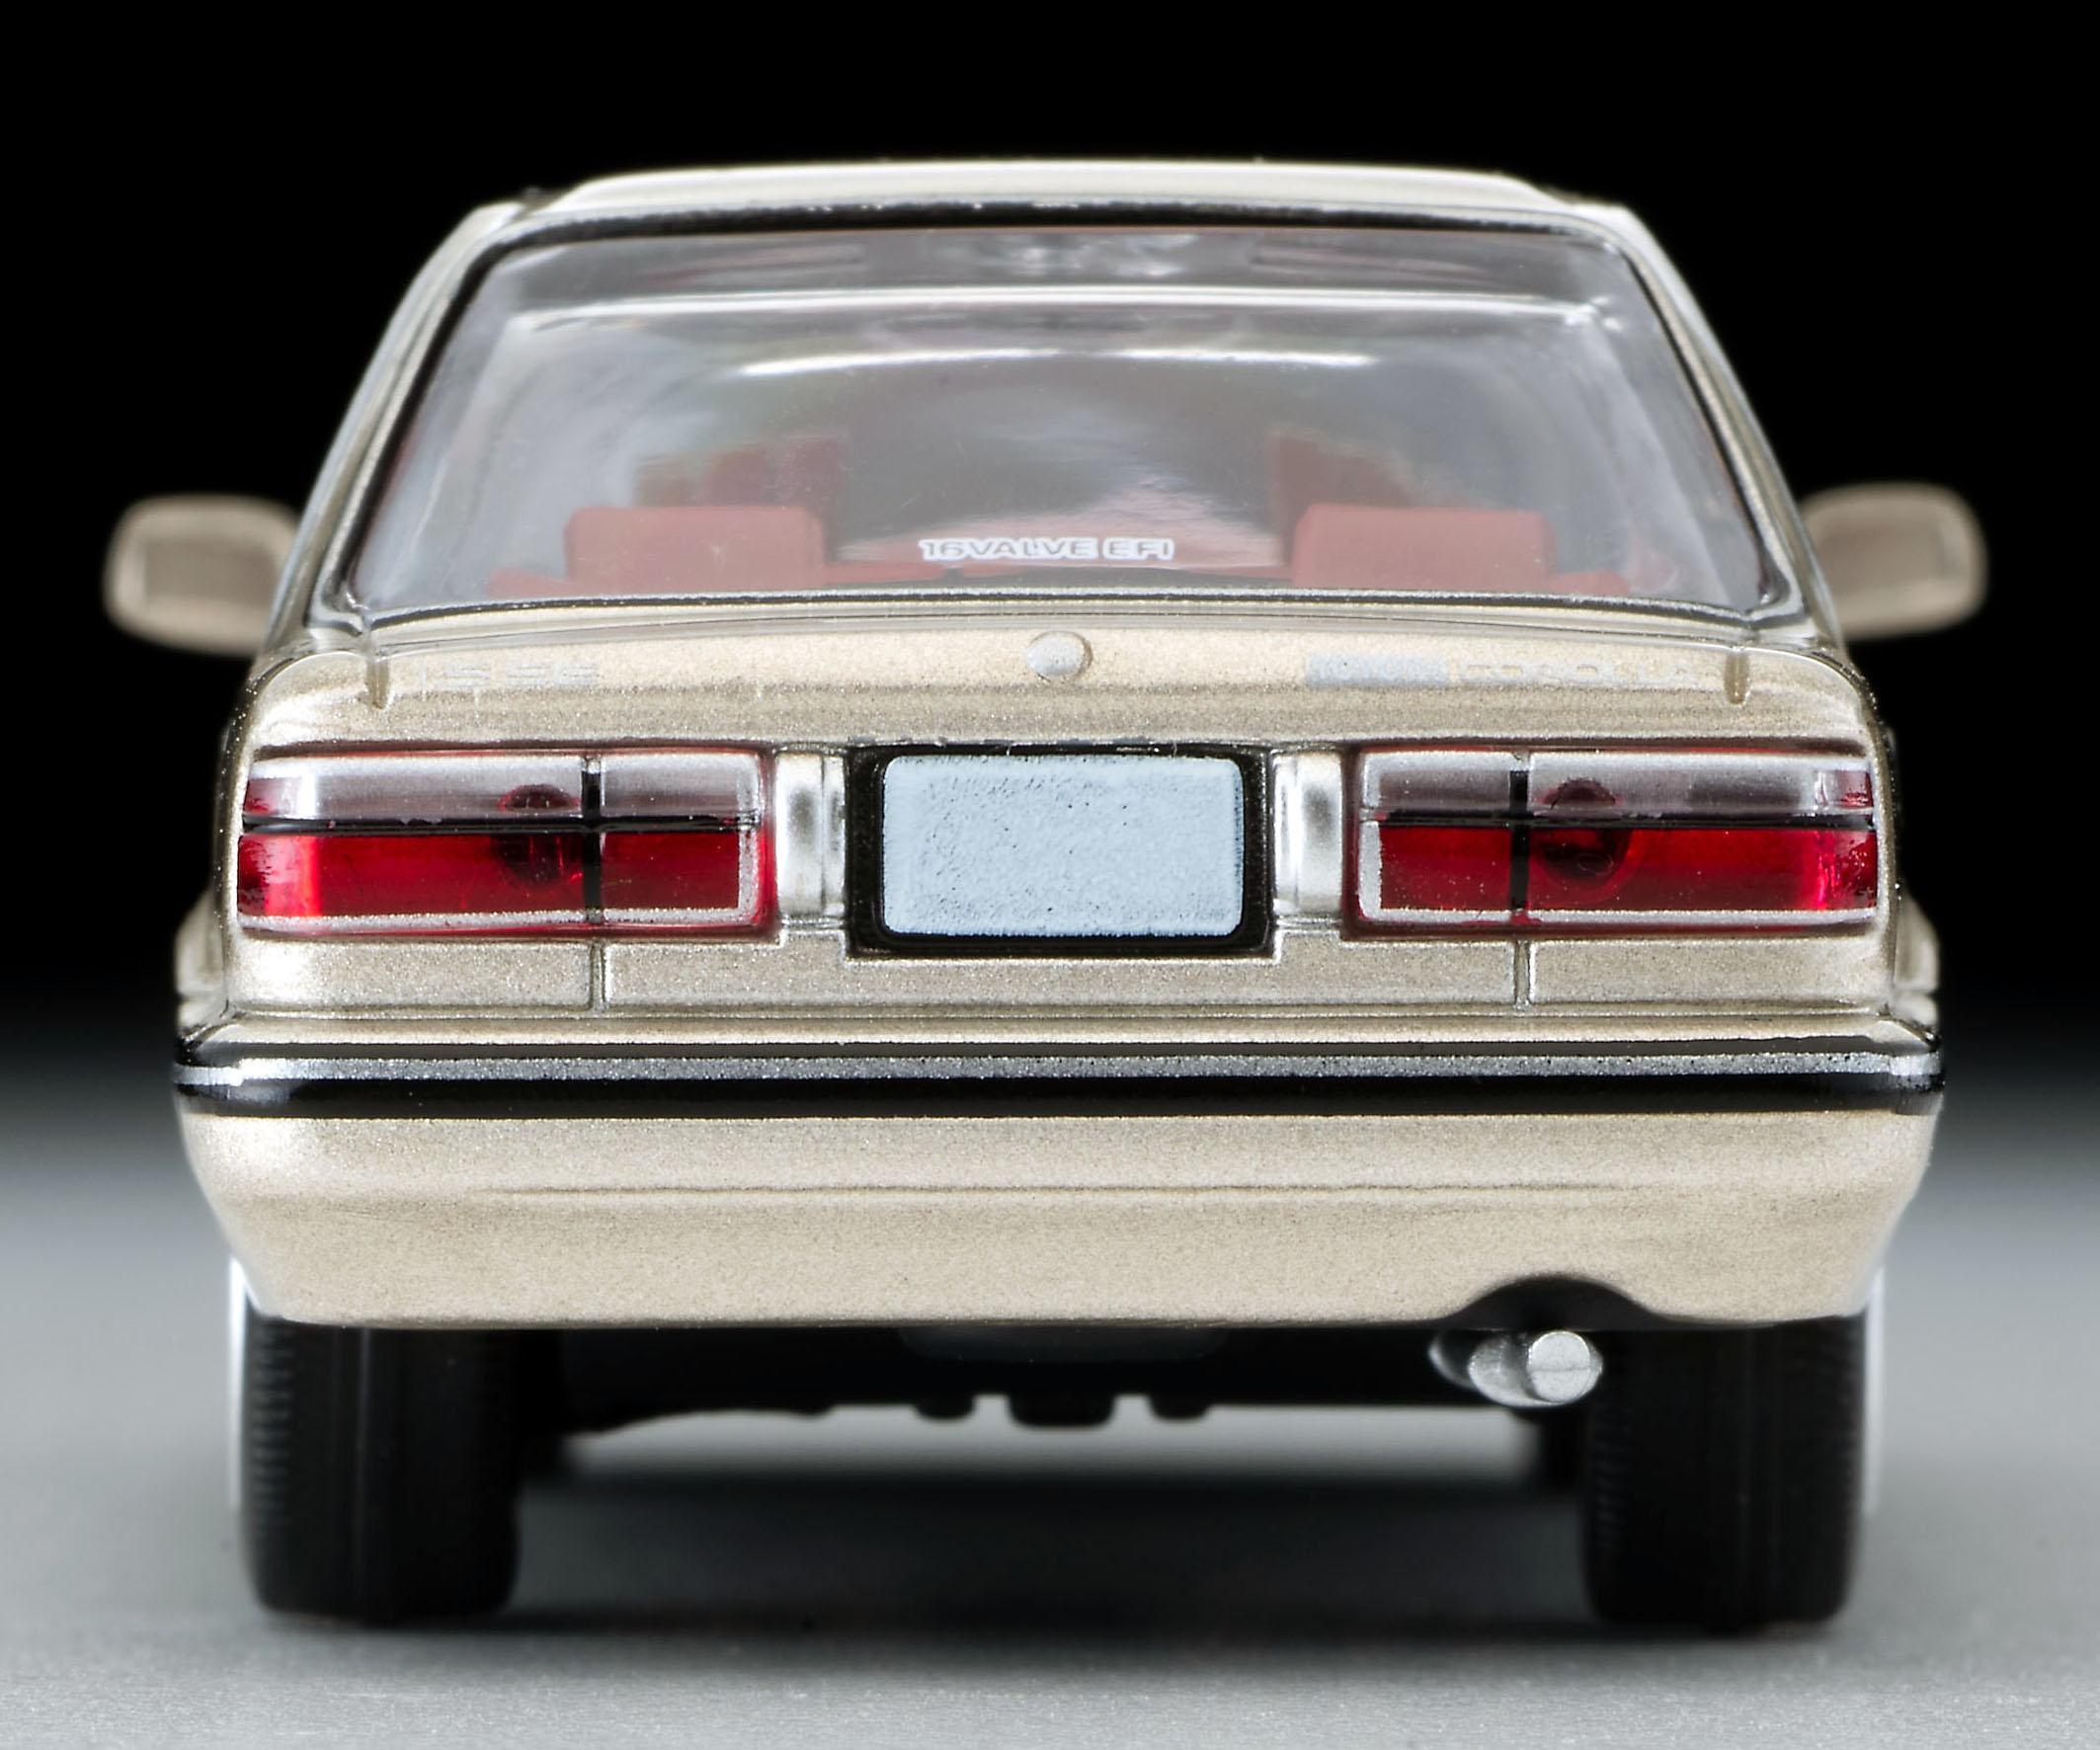 「史上最高の販売台数6代目カローラの「1500SEリミテッド」がトミカLV-NEOに新登場【ミニカー新製品情報】」の8枚目の画像